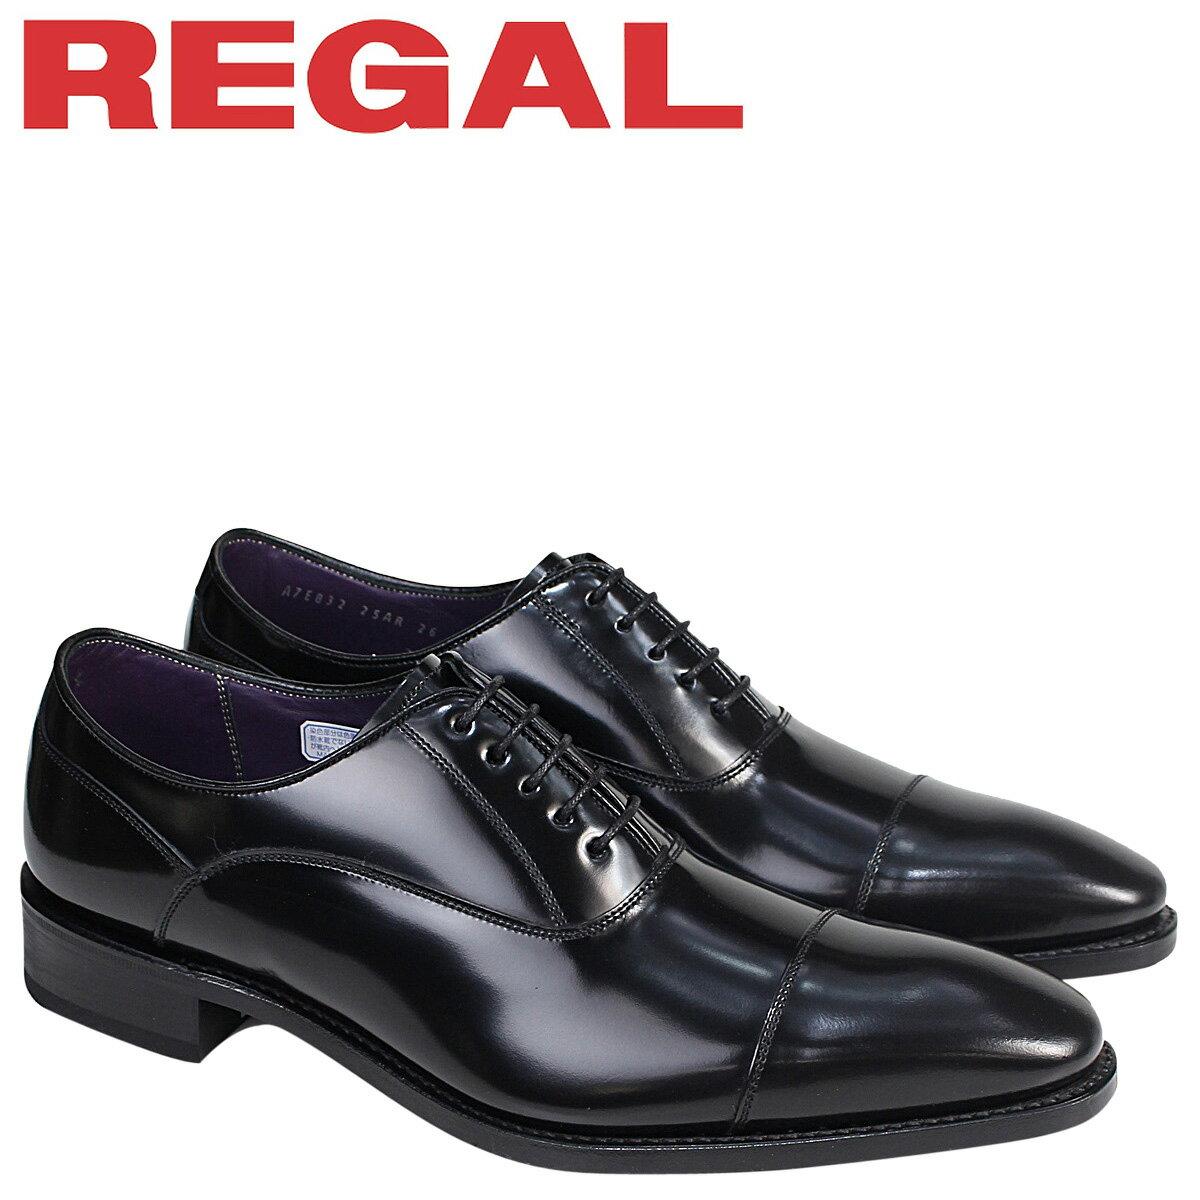 REGAL 靴 メンズ リーガル ストレートチップ 25ARBE ビジネスシューズ ブラック [9/12 追加入荷]